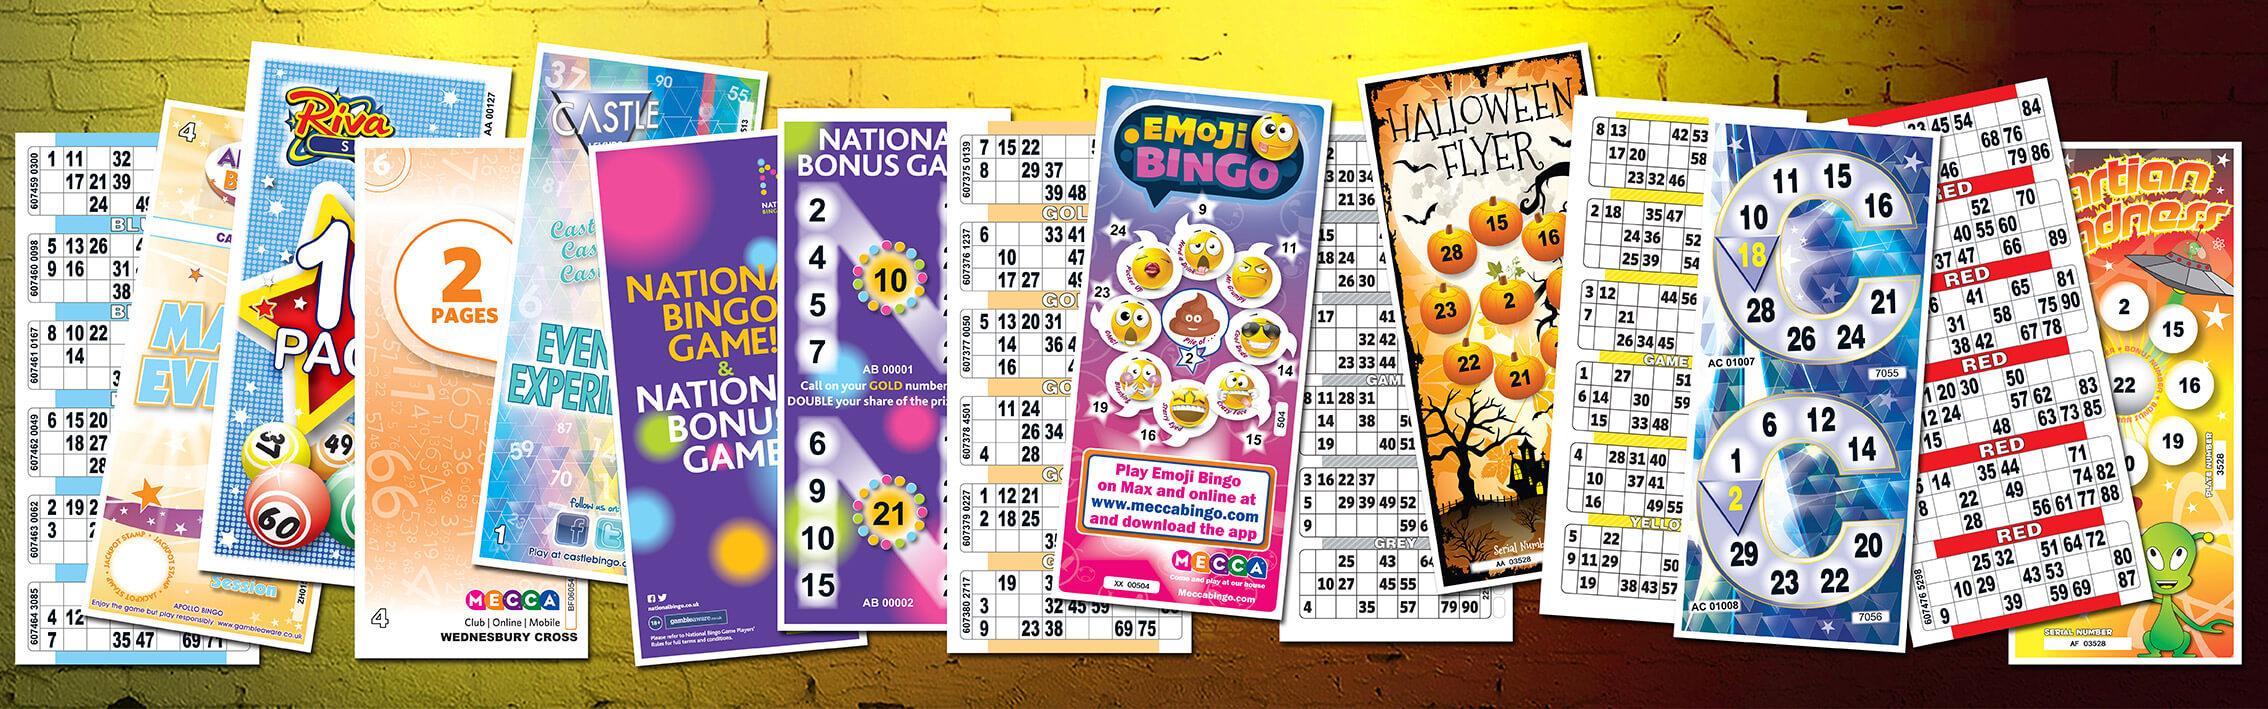 Bingo_Tickets_Cowells